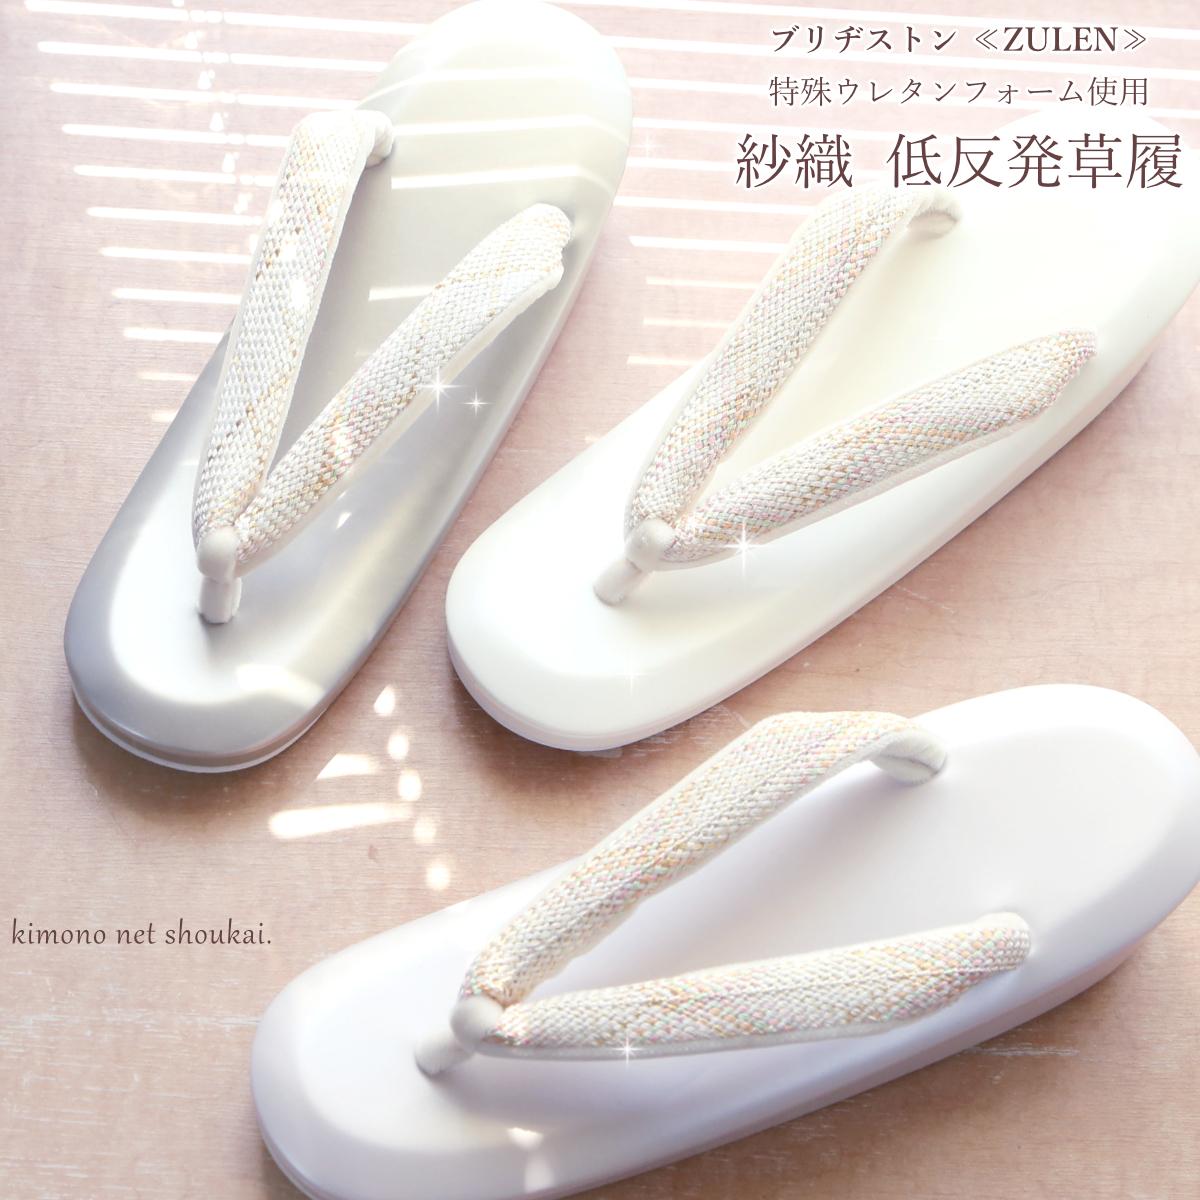 草履 礼装用 紗織 三枚芯 Mサイズ【白台 ホワイト/ 花 15058】留袖 訪問着 フォーマル 結婚式 沙織 日本製